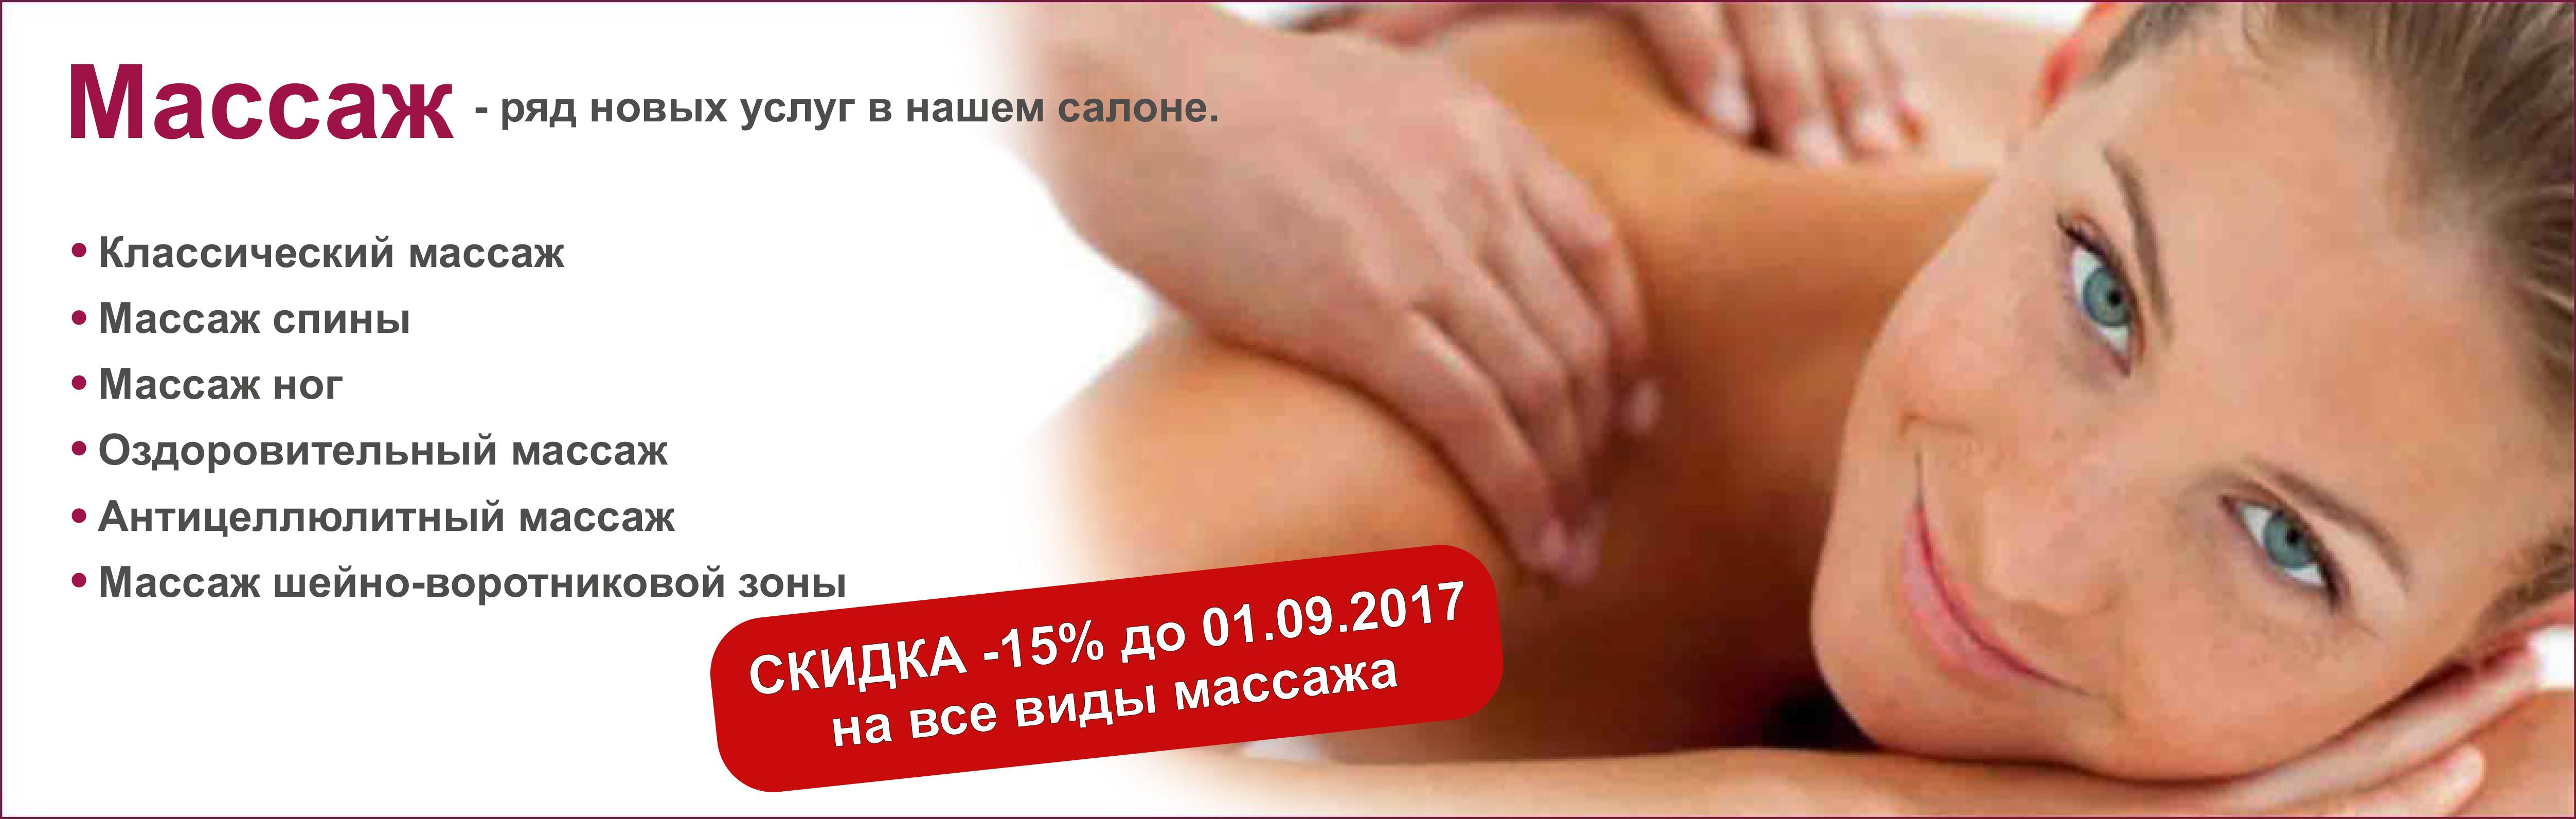 saloni-eroticheskogo-massazha-v-voronezhe